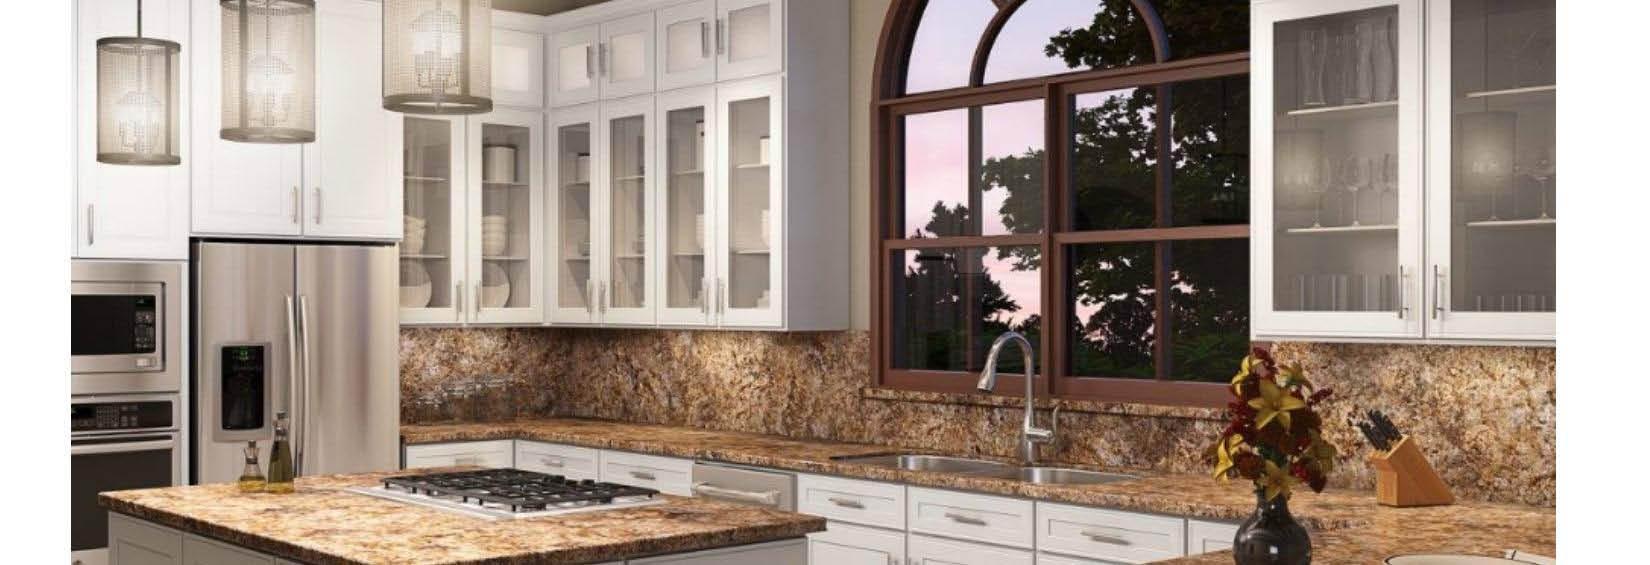 kitchen-cabinets-now-garland-tx-banner